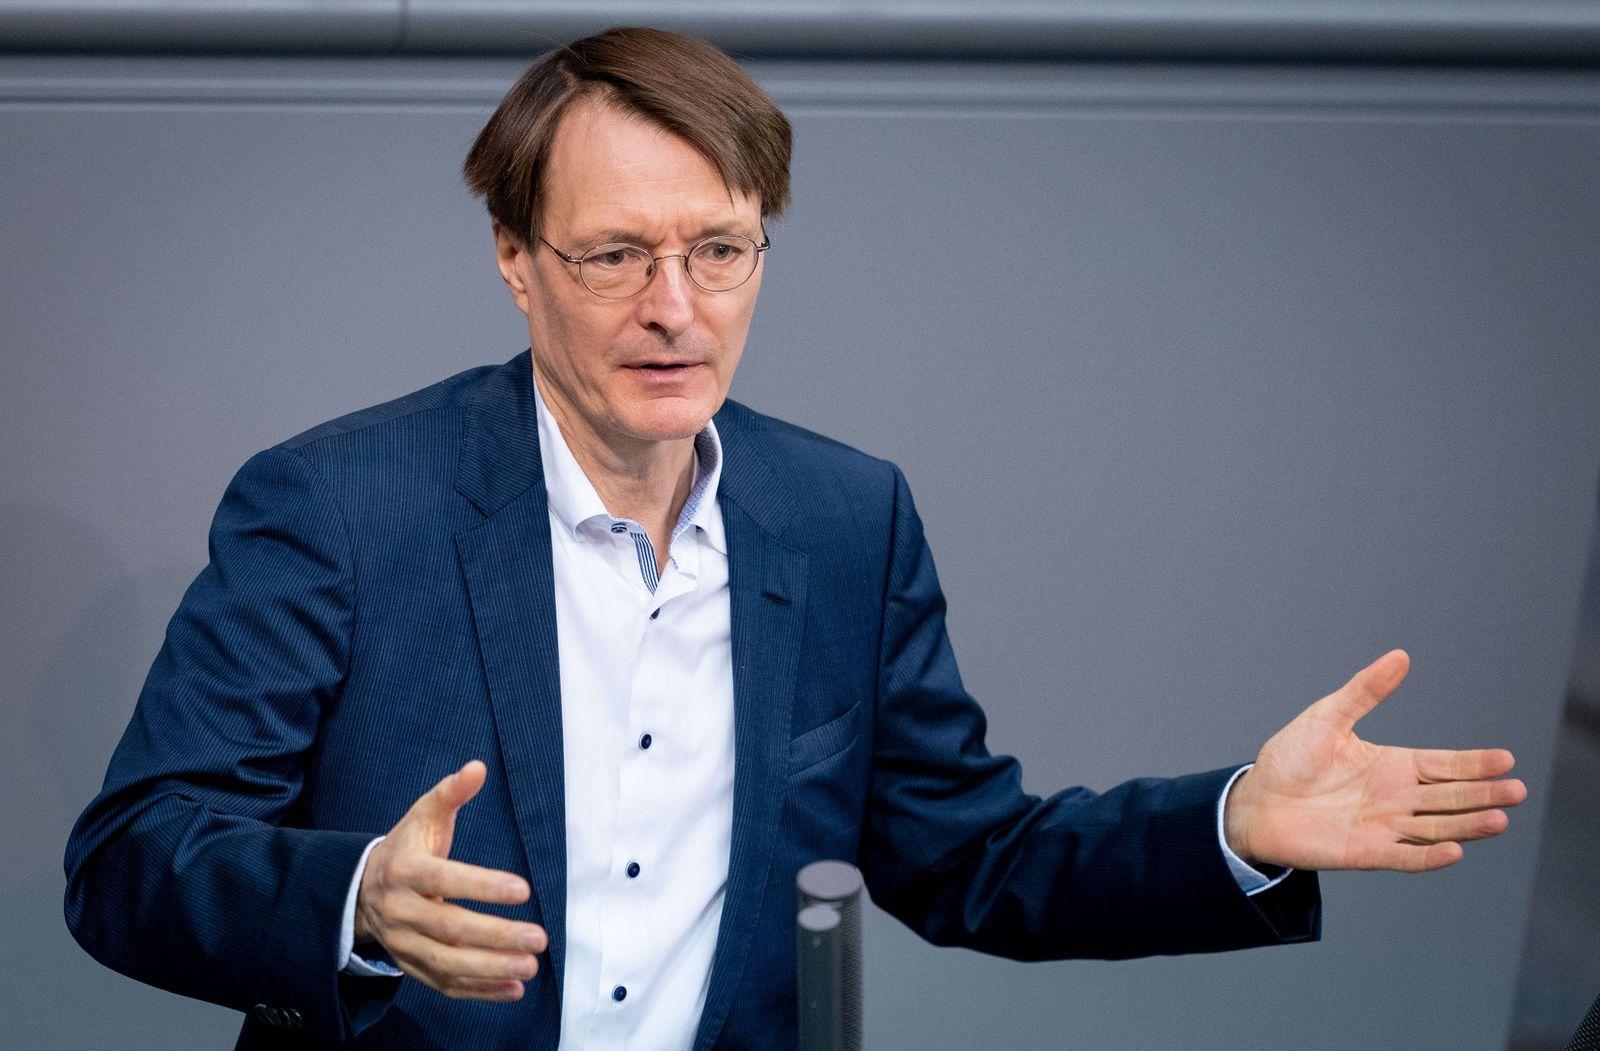 SPD-Gesundheitsexperte Lauterbach